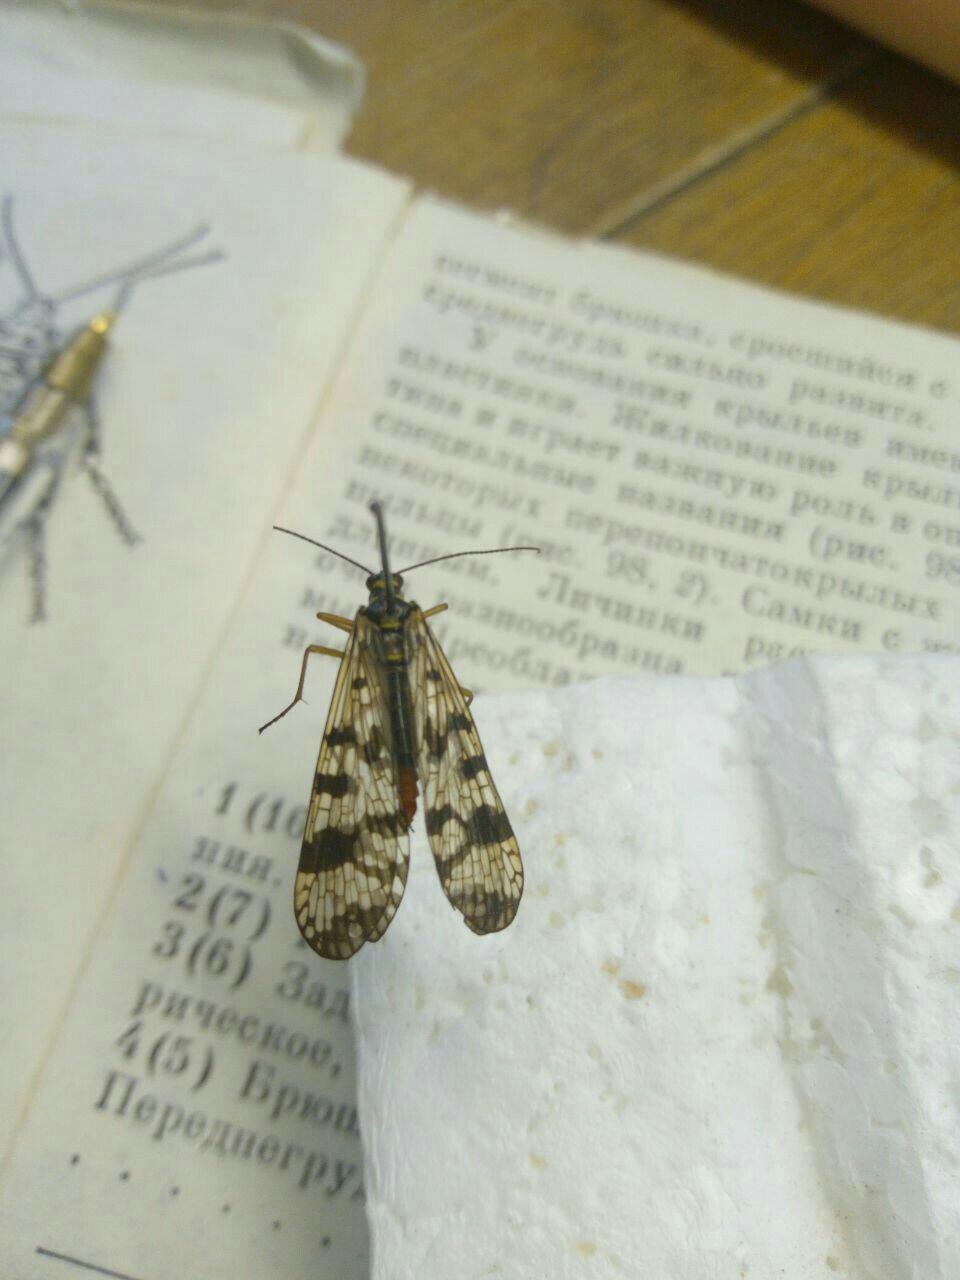 Что это за насекомое? ОБЯЗАТЕЛЬНО СКАЗАТЬ НАЗВАНИЕ